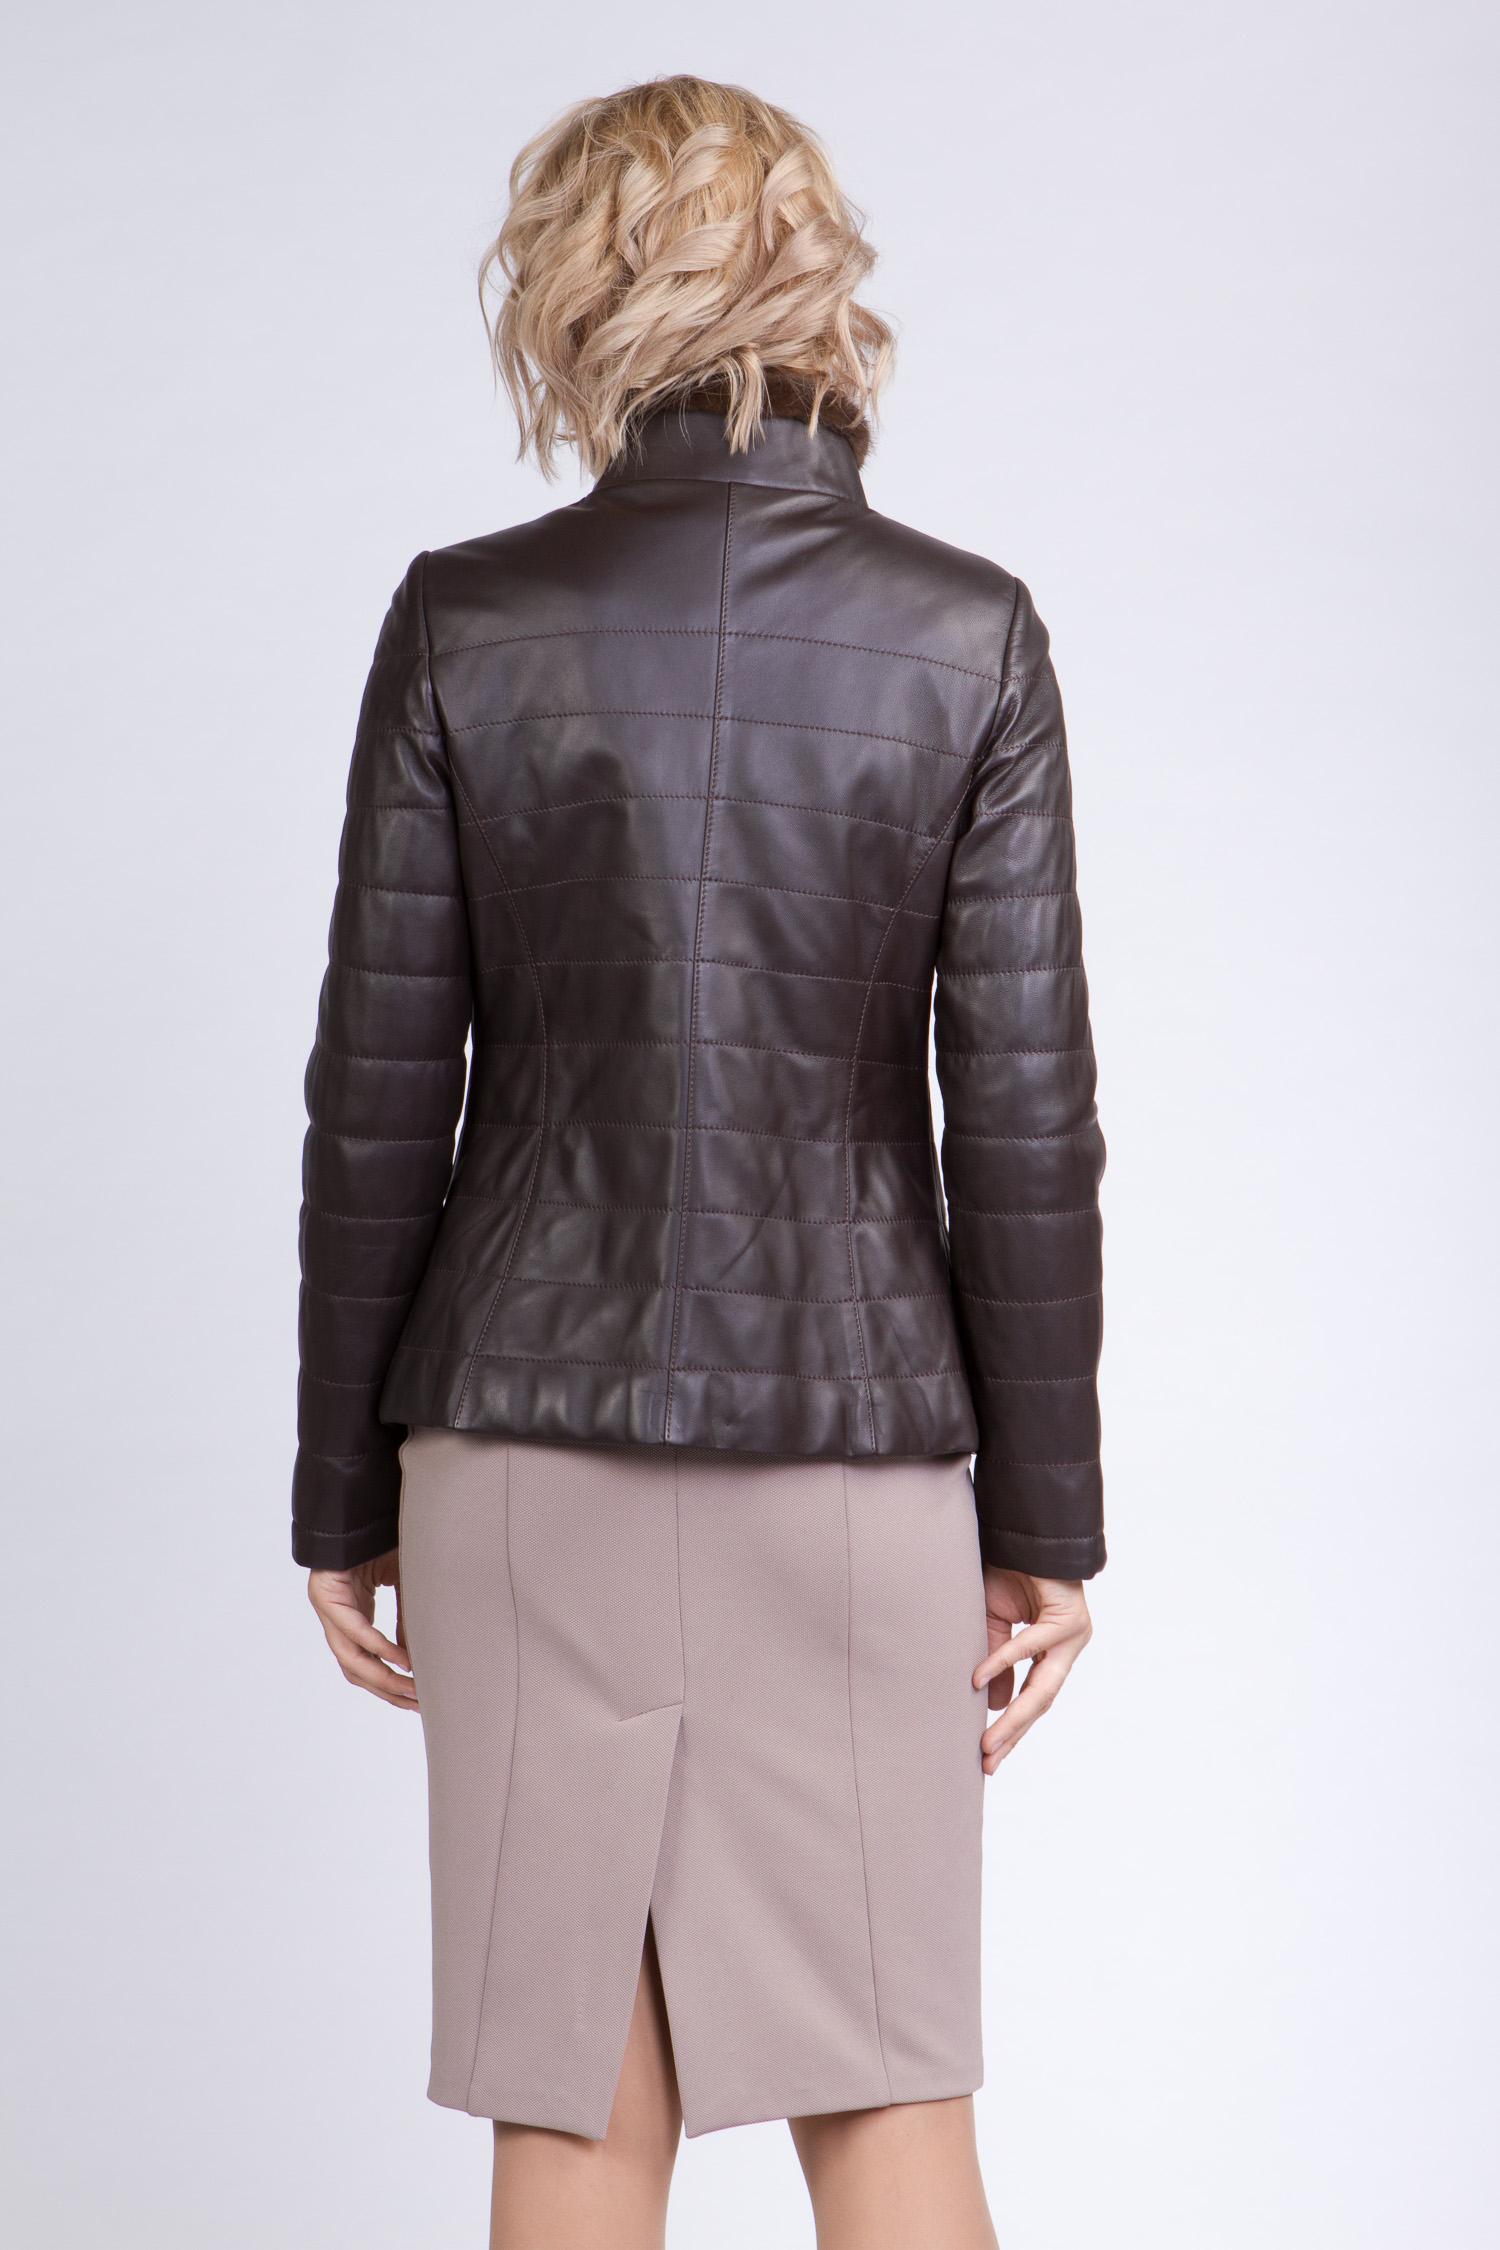 Женская кожаная куртка из натуральной кожи с воротником, отделка норка от Московская Меховая Компания